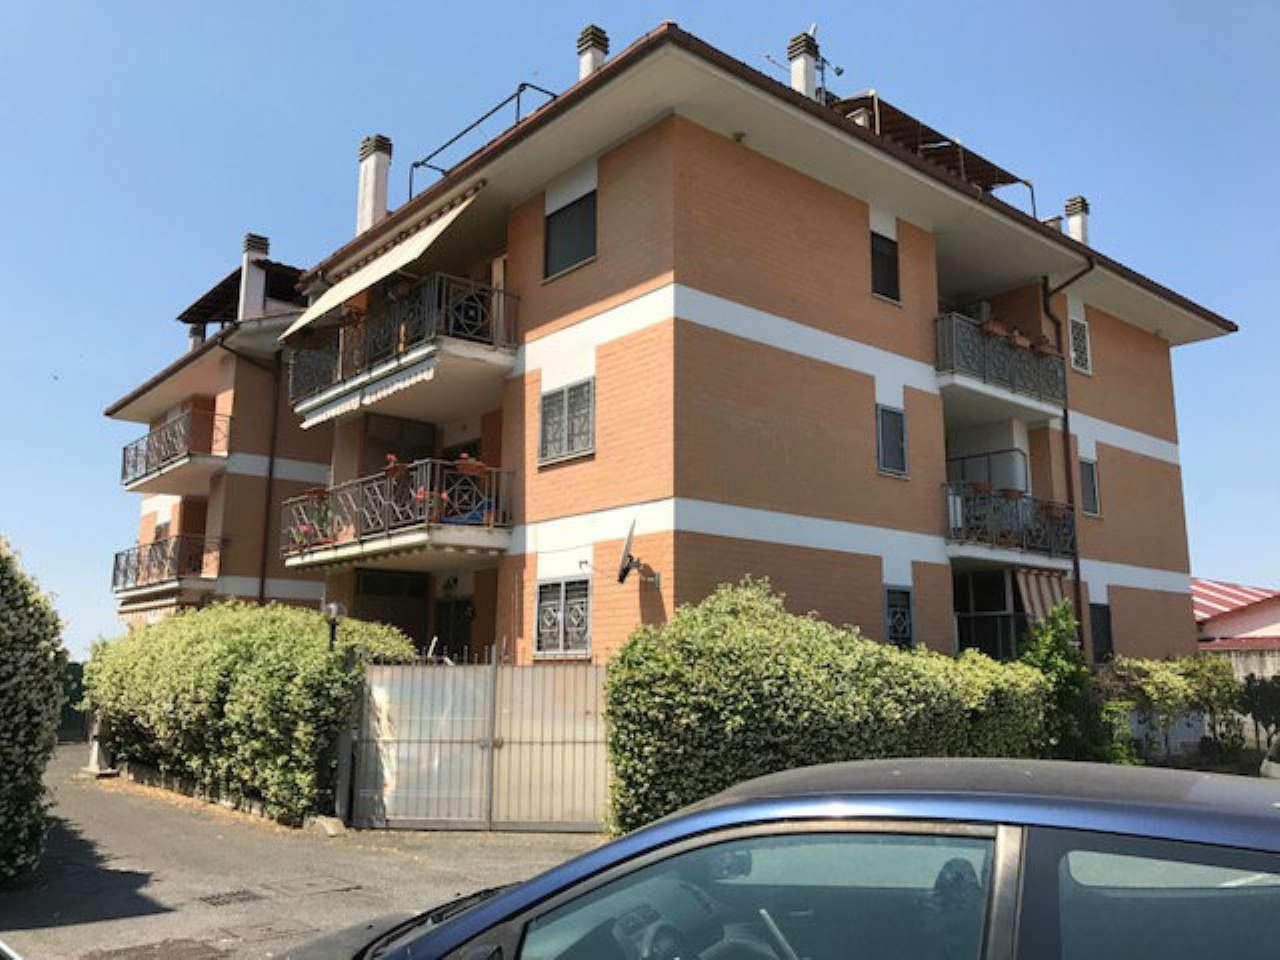 Appartamento in affitto a Monterotondo, 4 locali, prezzo € 600 | CambioCasa.it